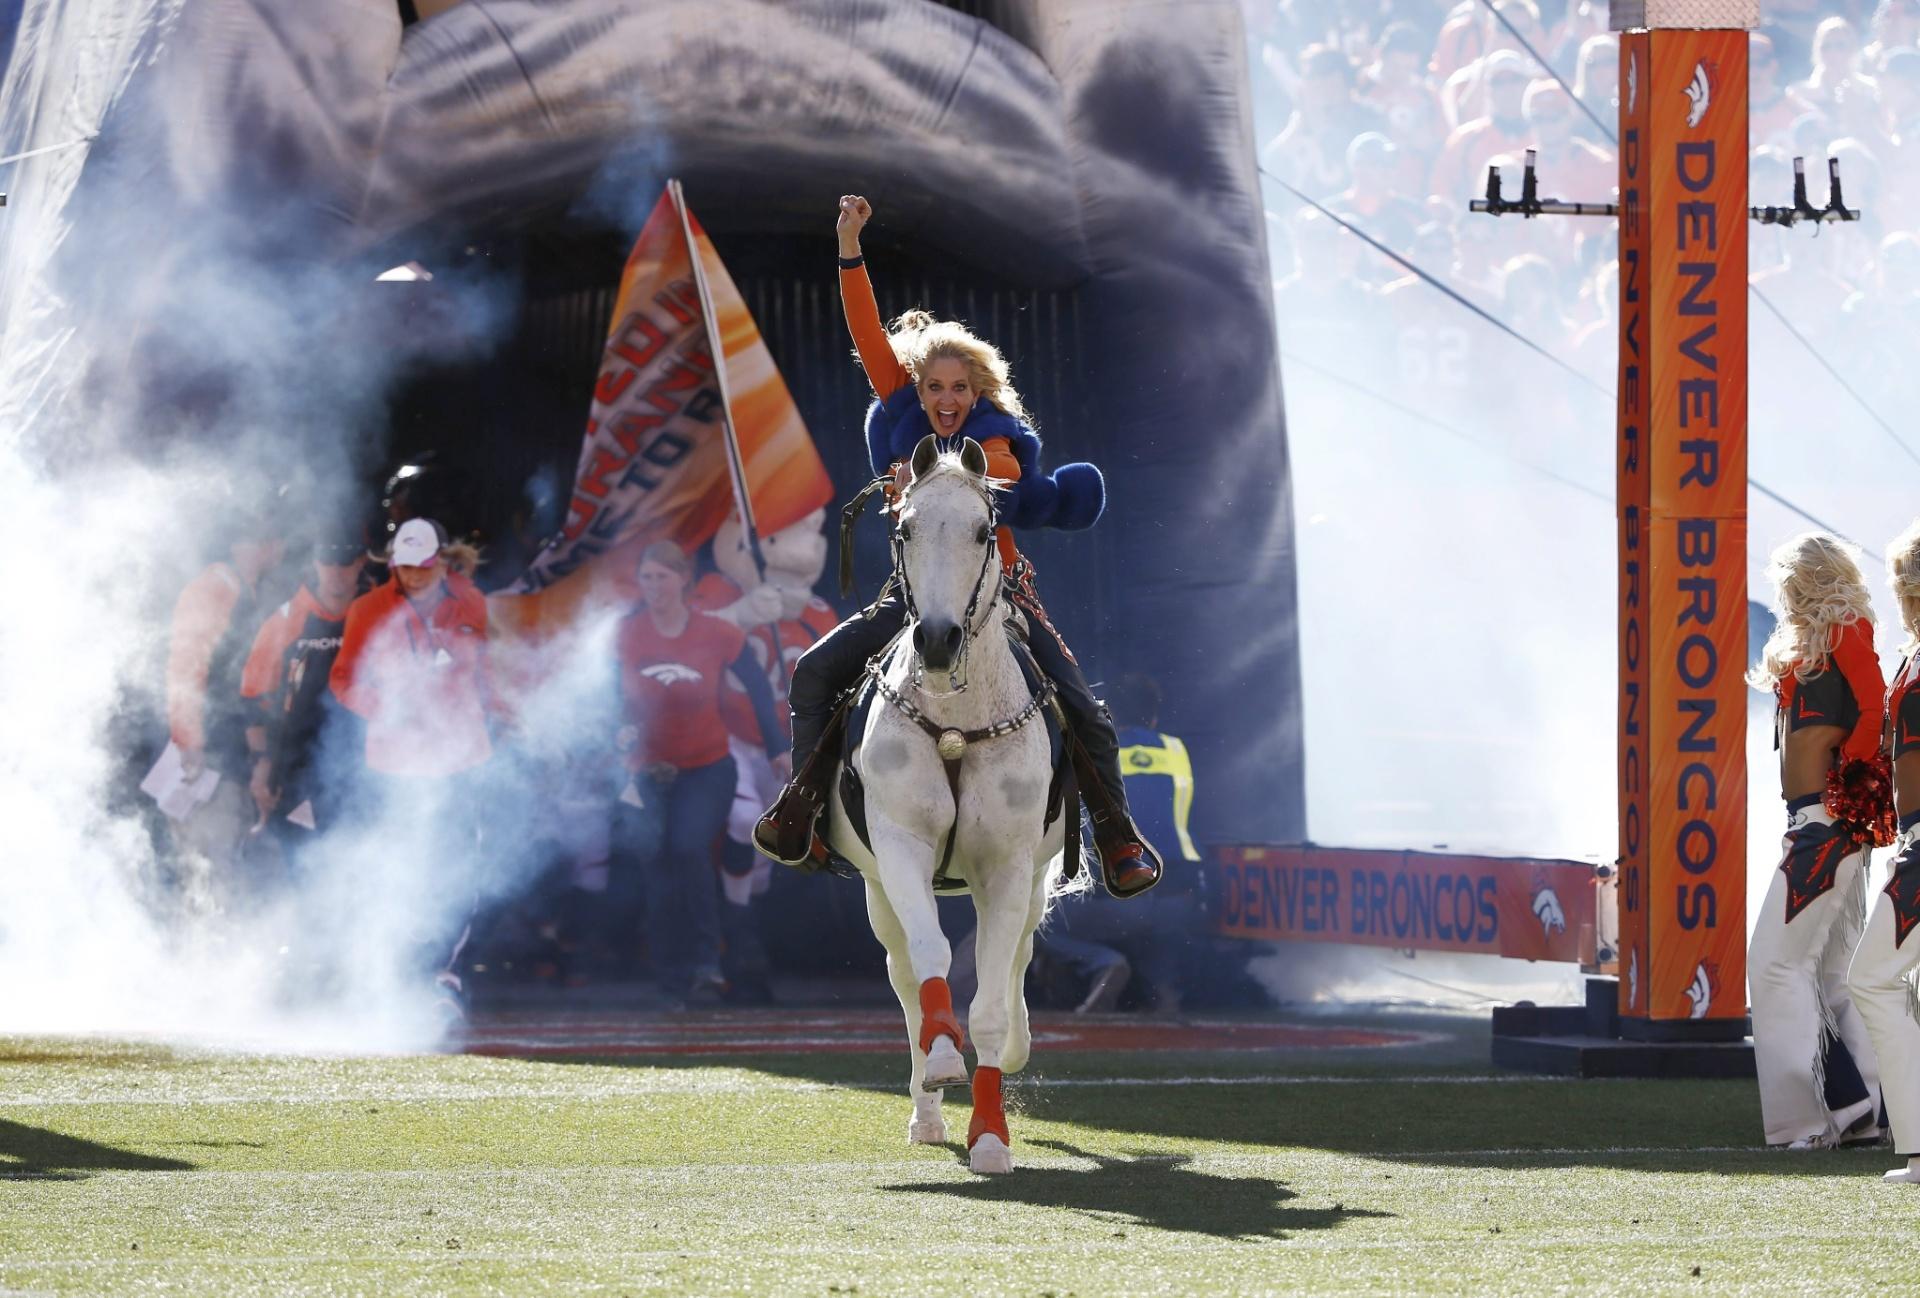 19.jan.2014 - Cavalo 'Thunder' entra no gramado do Sports Authority Field antes de partida entre Broncos e Patriots, pela NFL